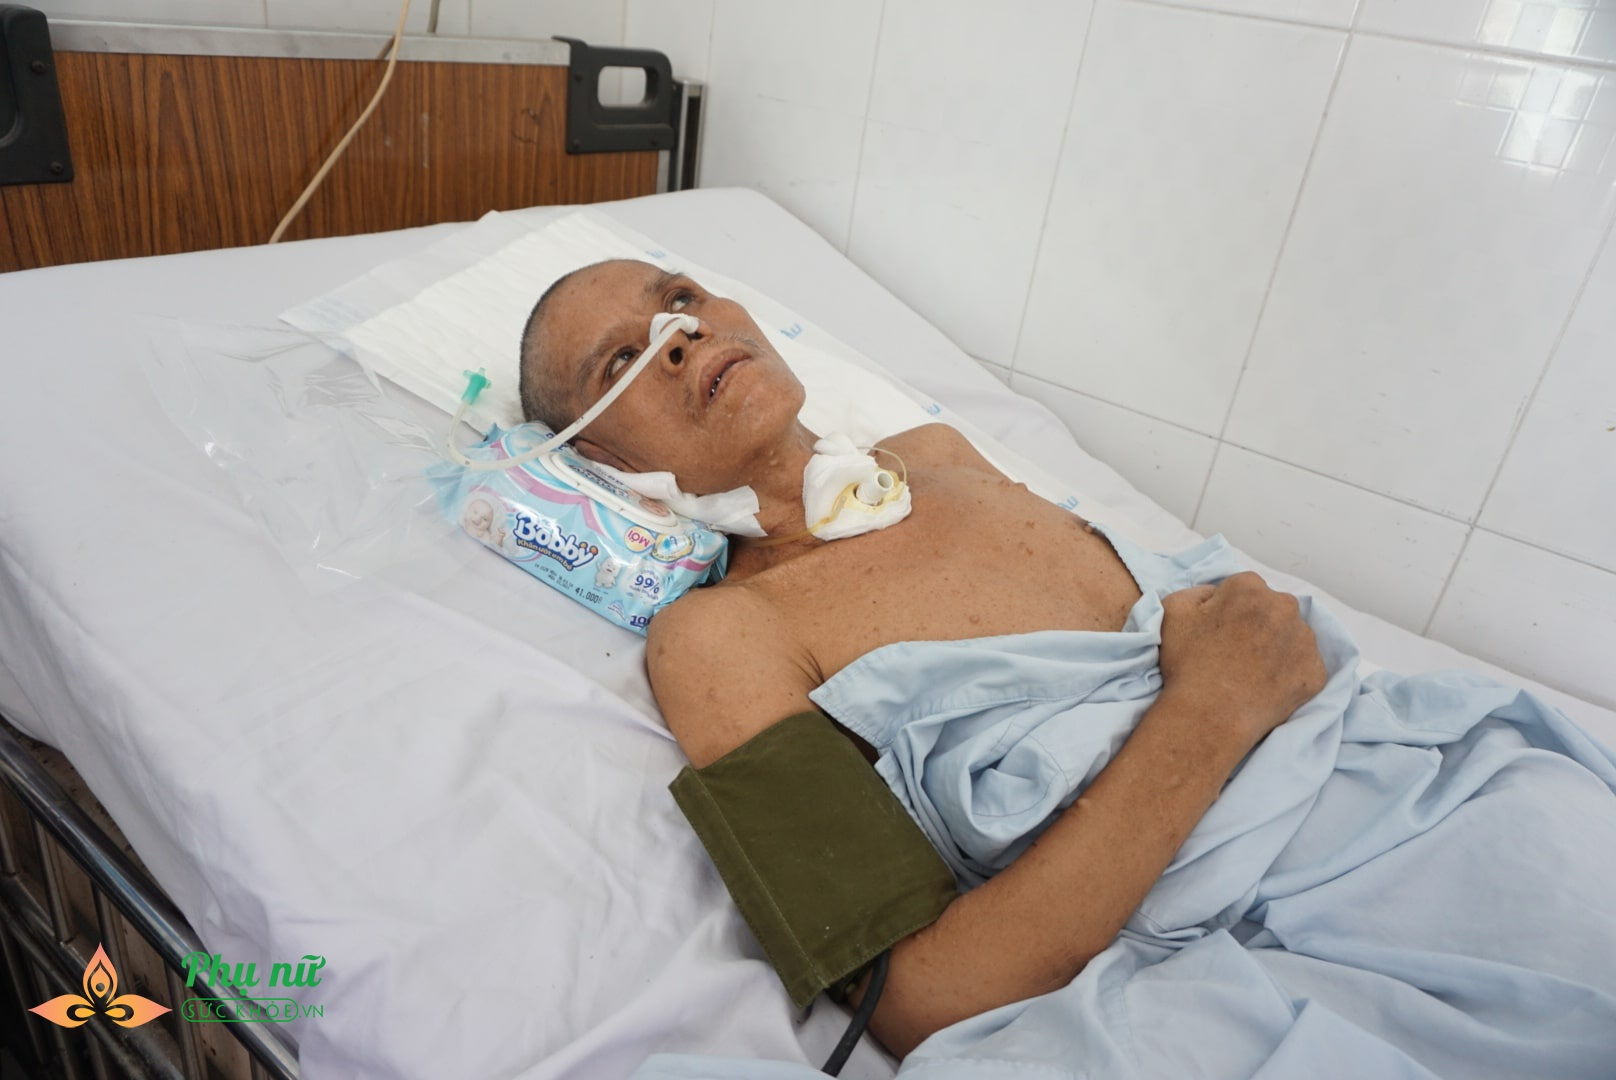 Xót cảnh nam bệnh nhân 'vô danh' nguy kịch trên giường bệnh, không một người thân chăm sóc - Ảnh 2